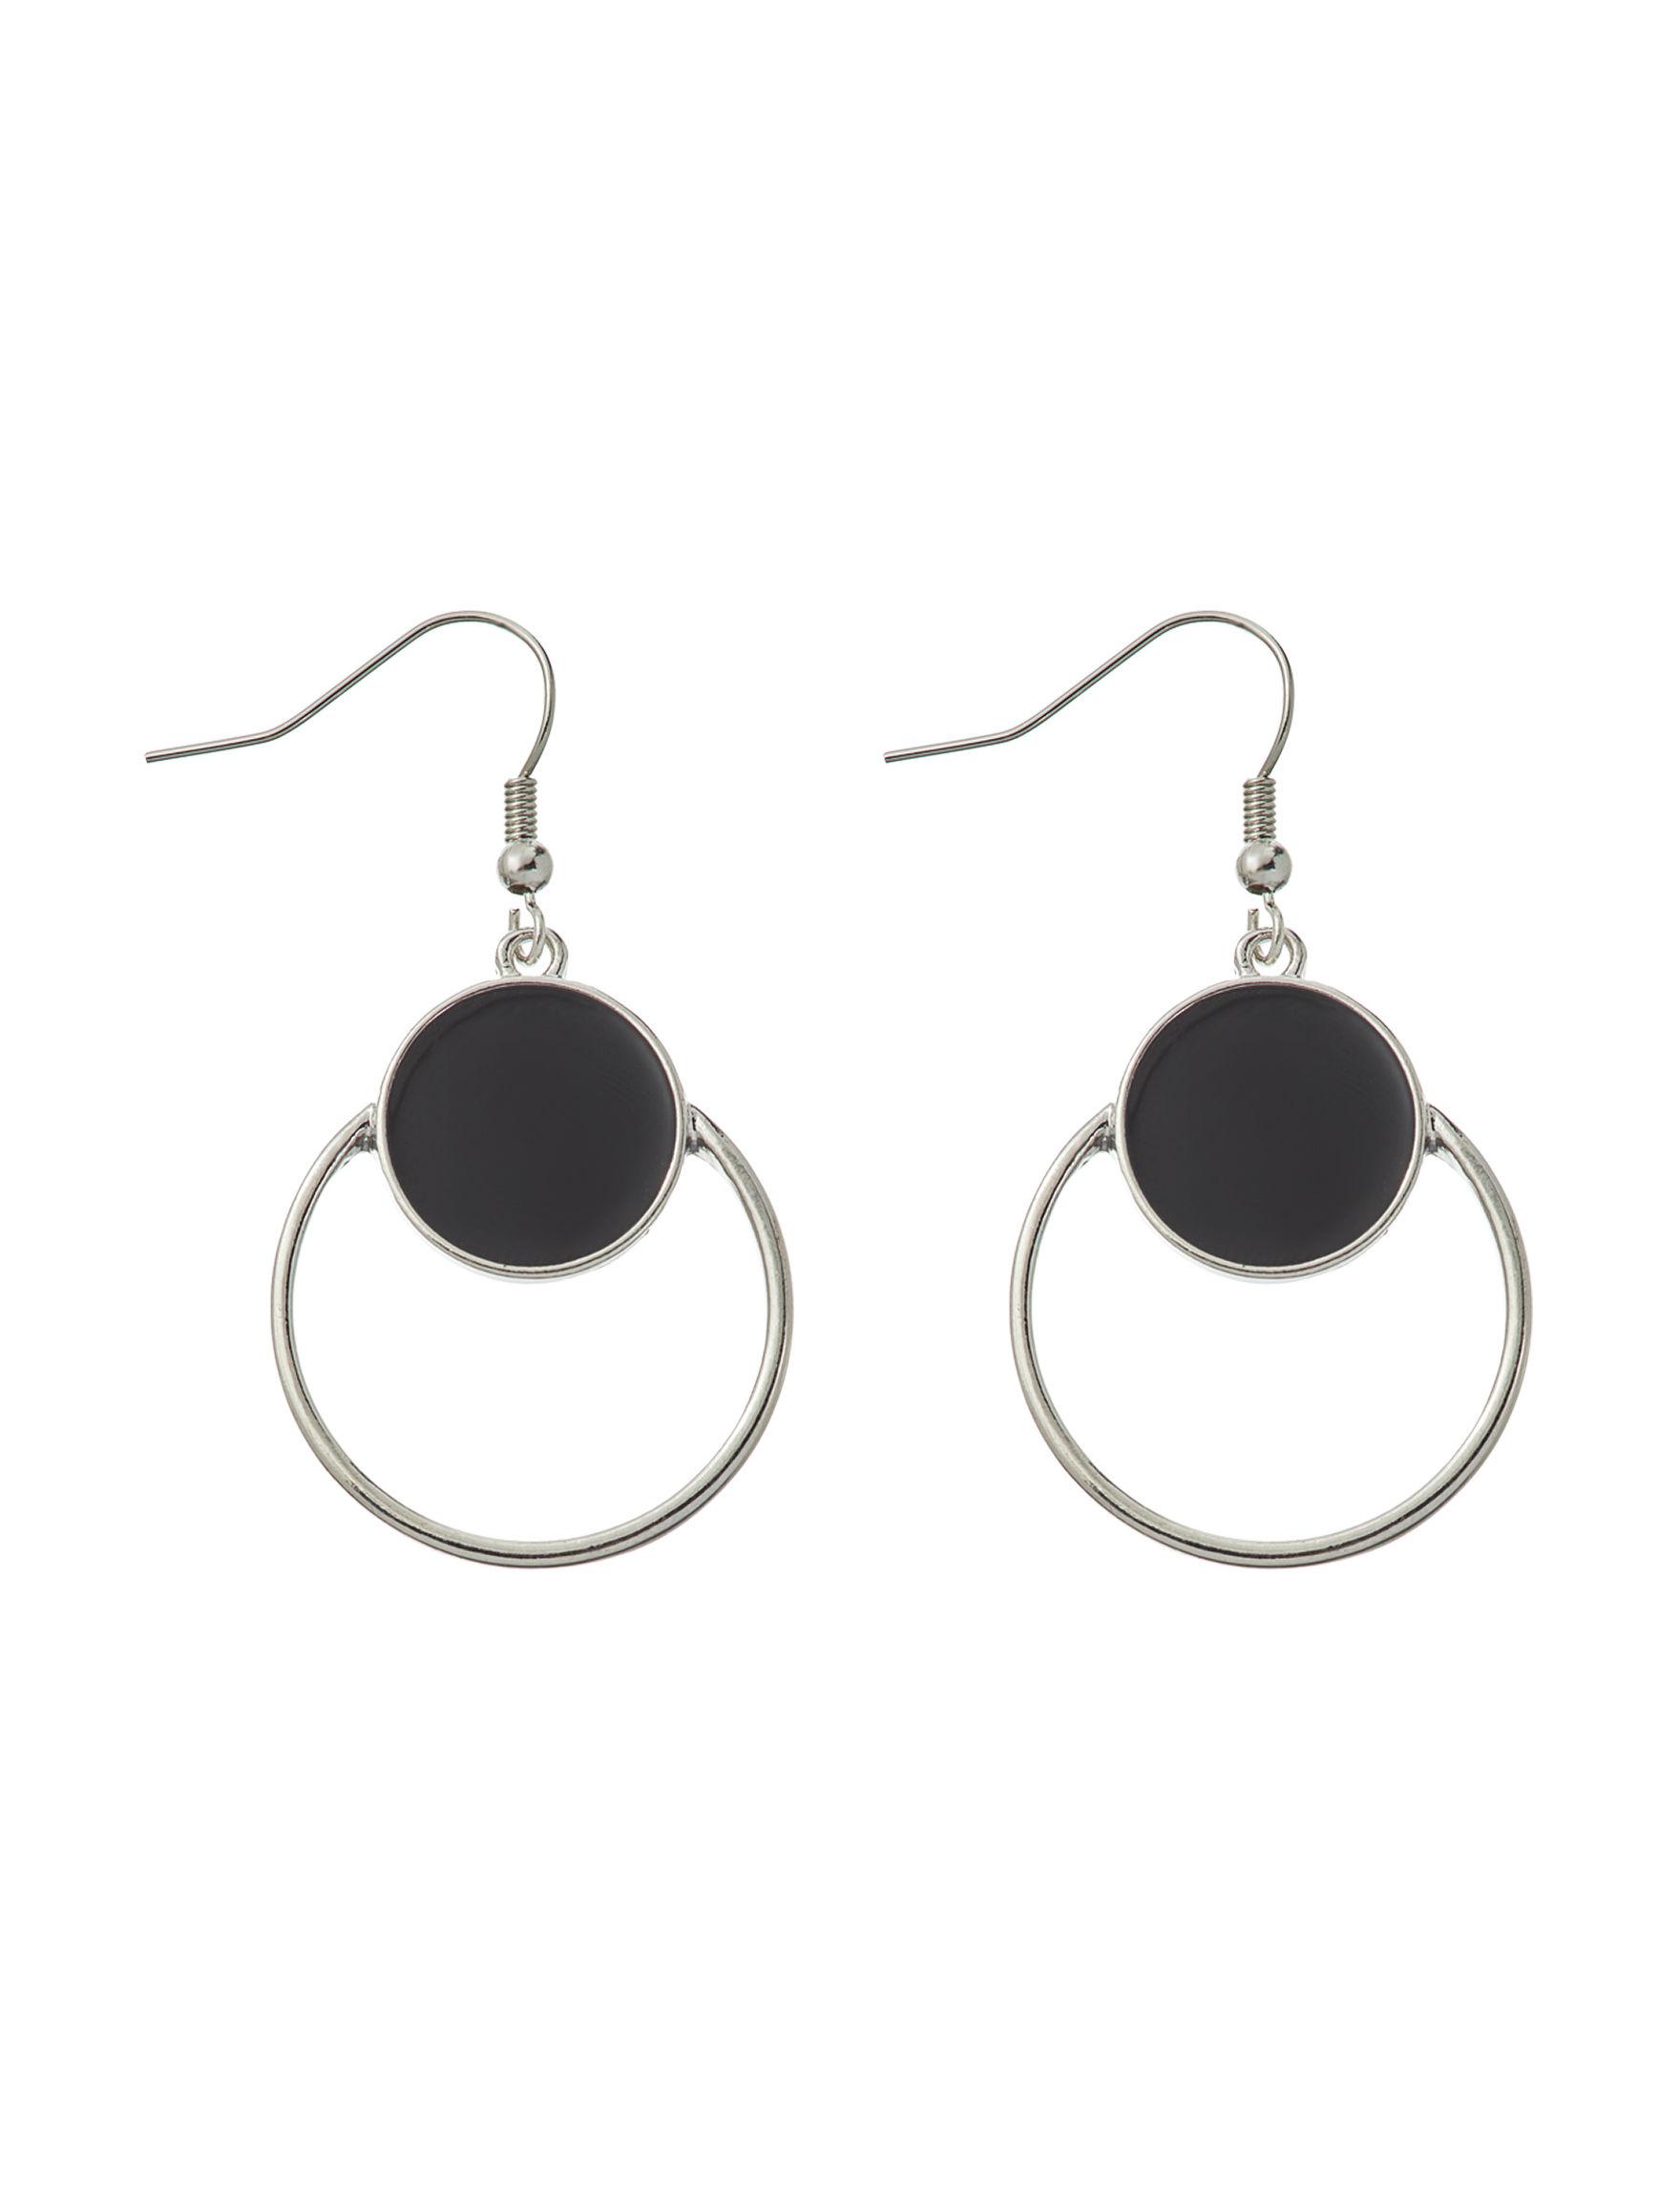 Hannah Silver / Black Drops Earrings Fashion Jewelry